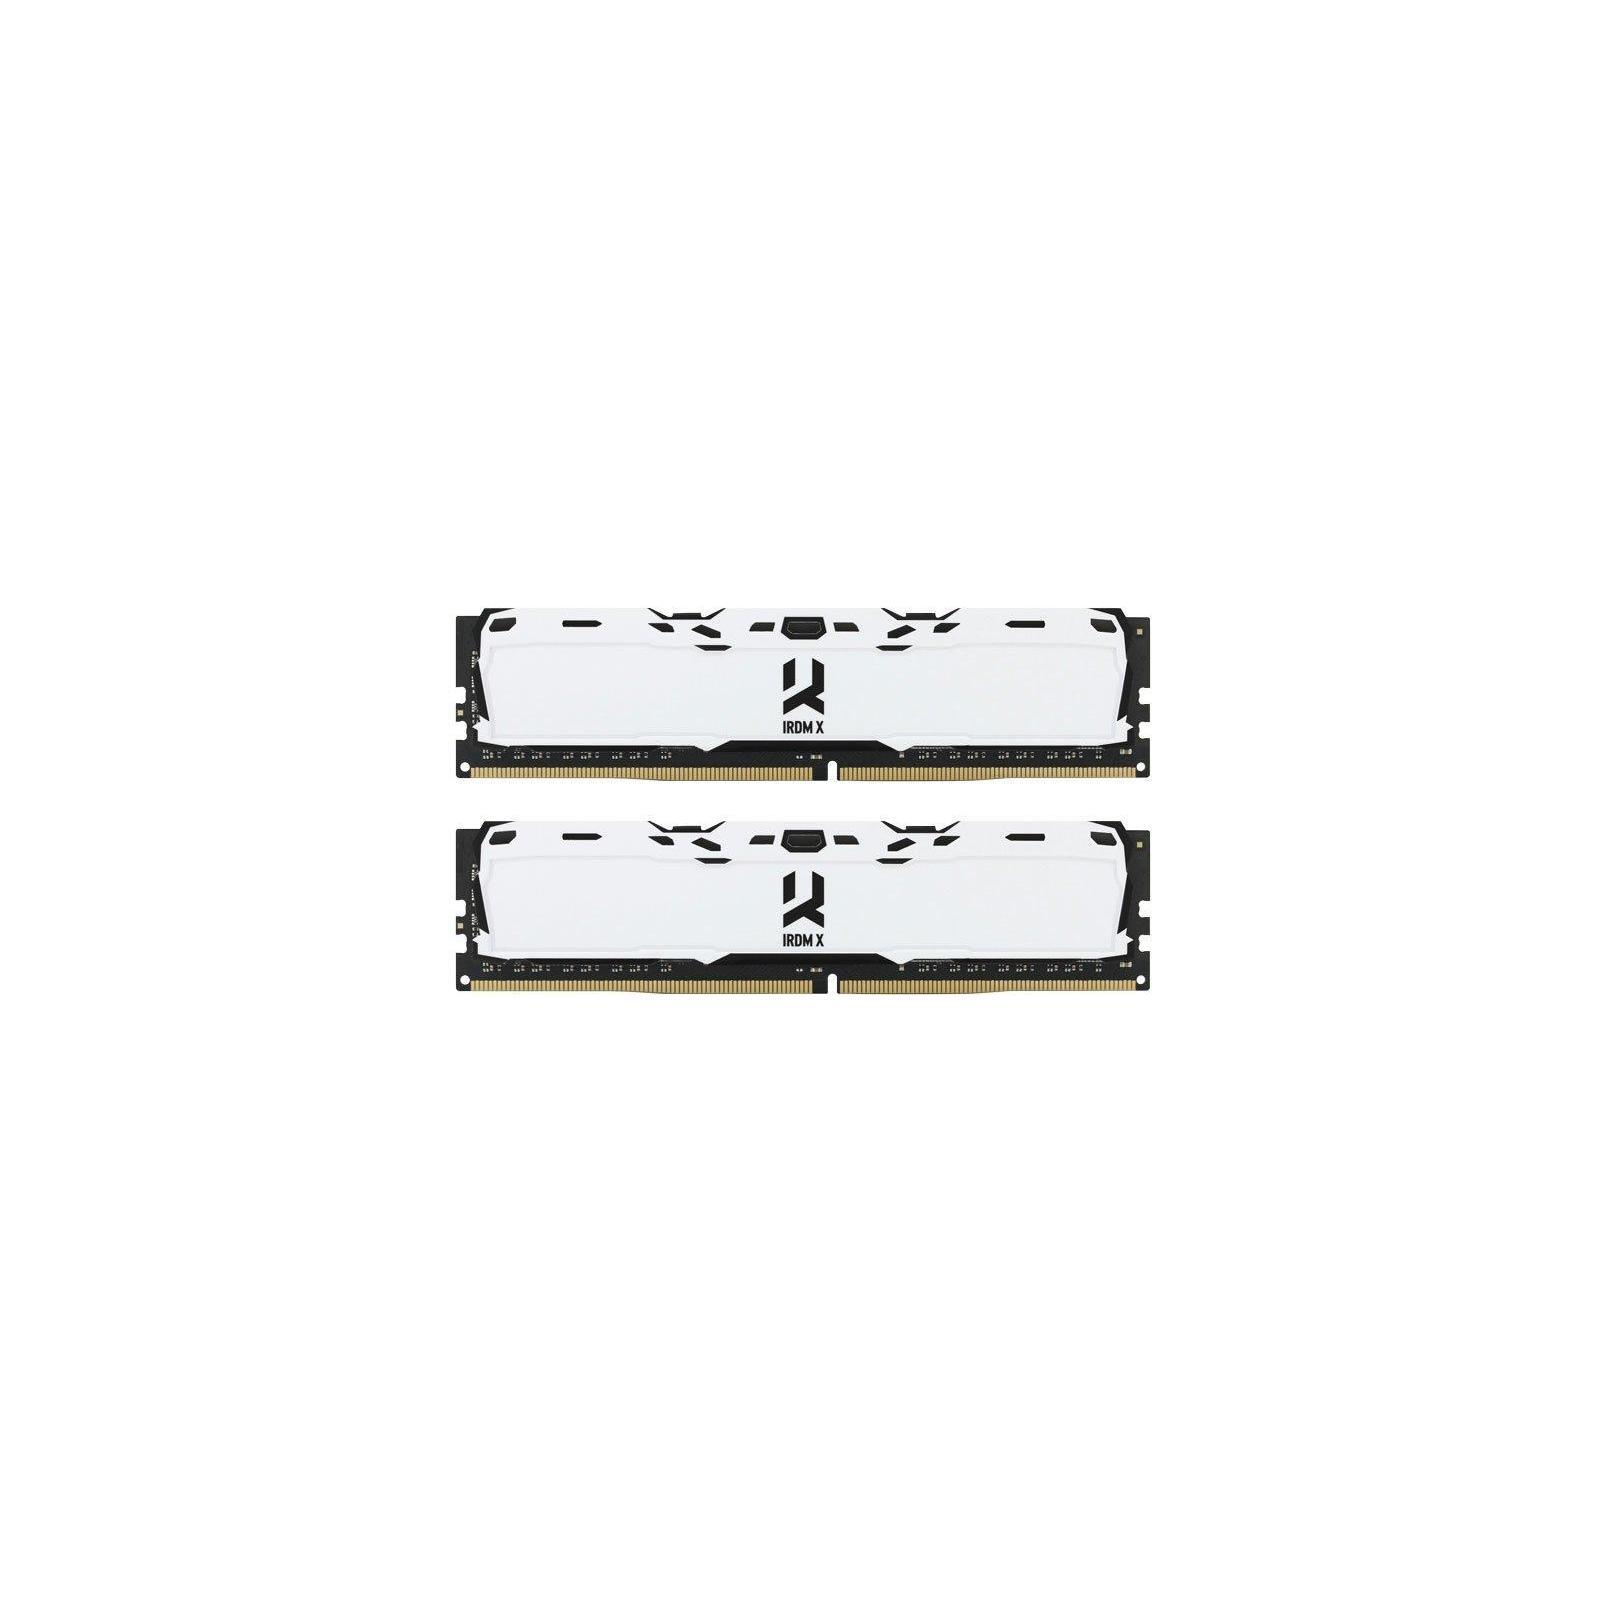 Модуль памяти для компьютера DDR4 16GB (2x8GB) 3000 MHz IRDM White Goodram (IR-XW3000D464L16S/16GDC)